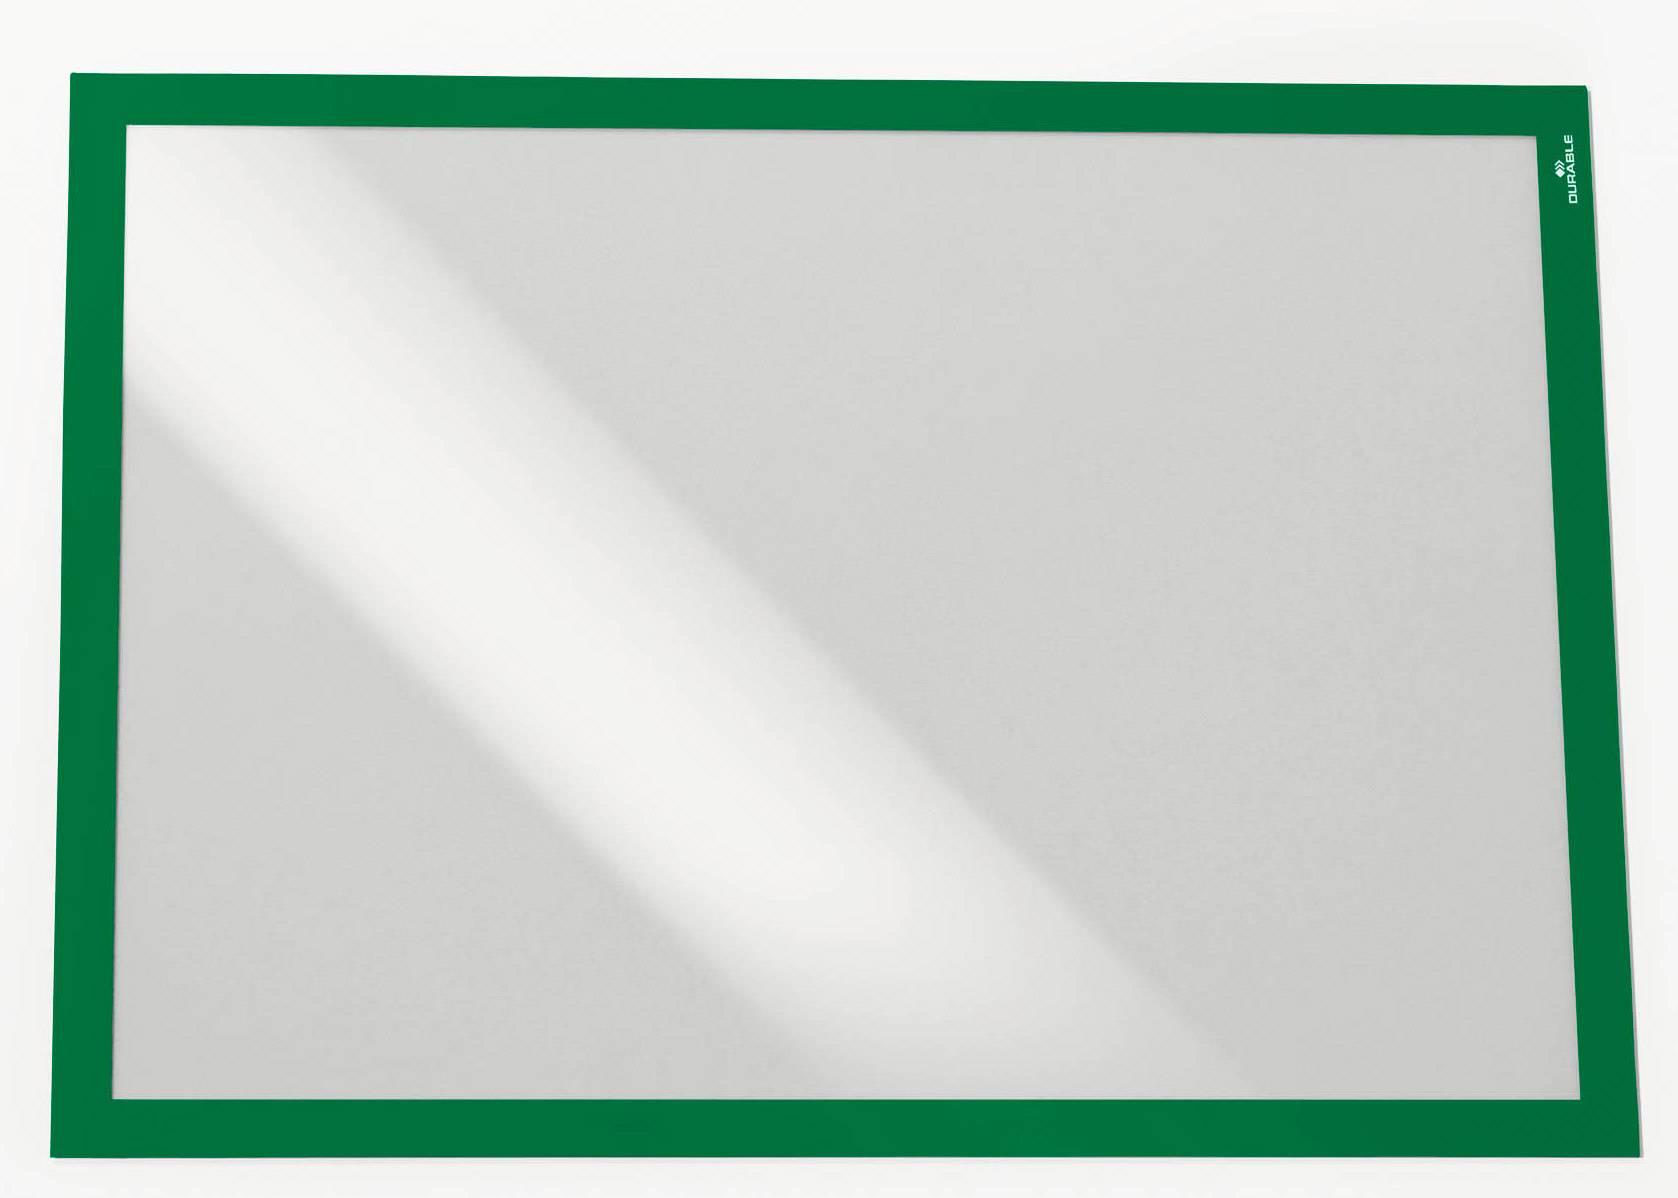 Магнитная рамка Durable Duraframe A3 зеленый (4883-05) - фото 1